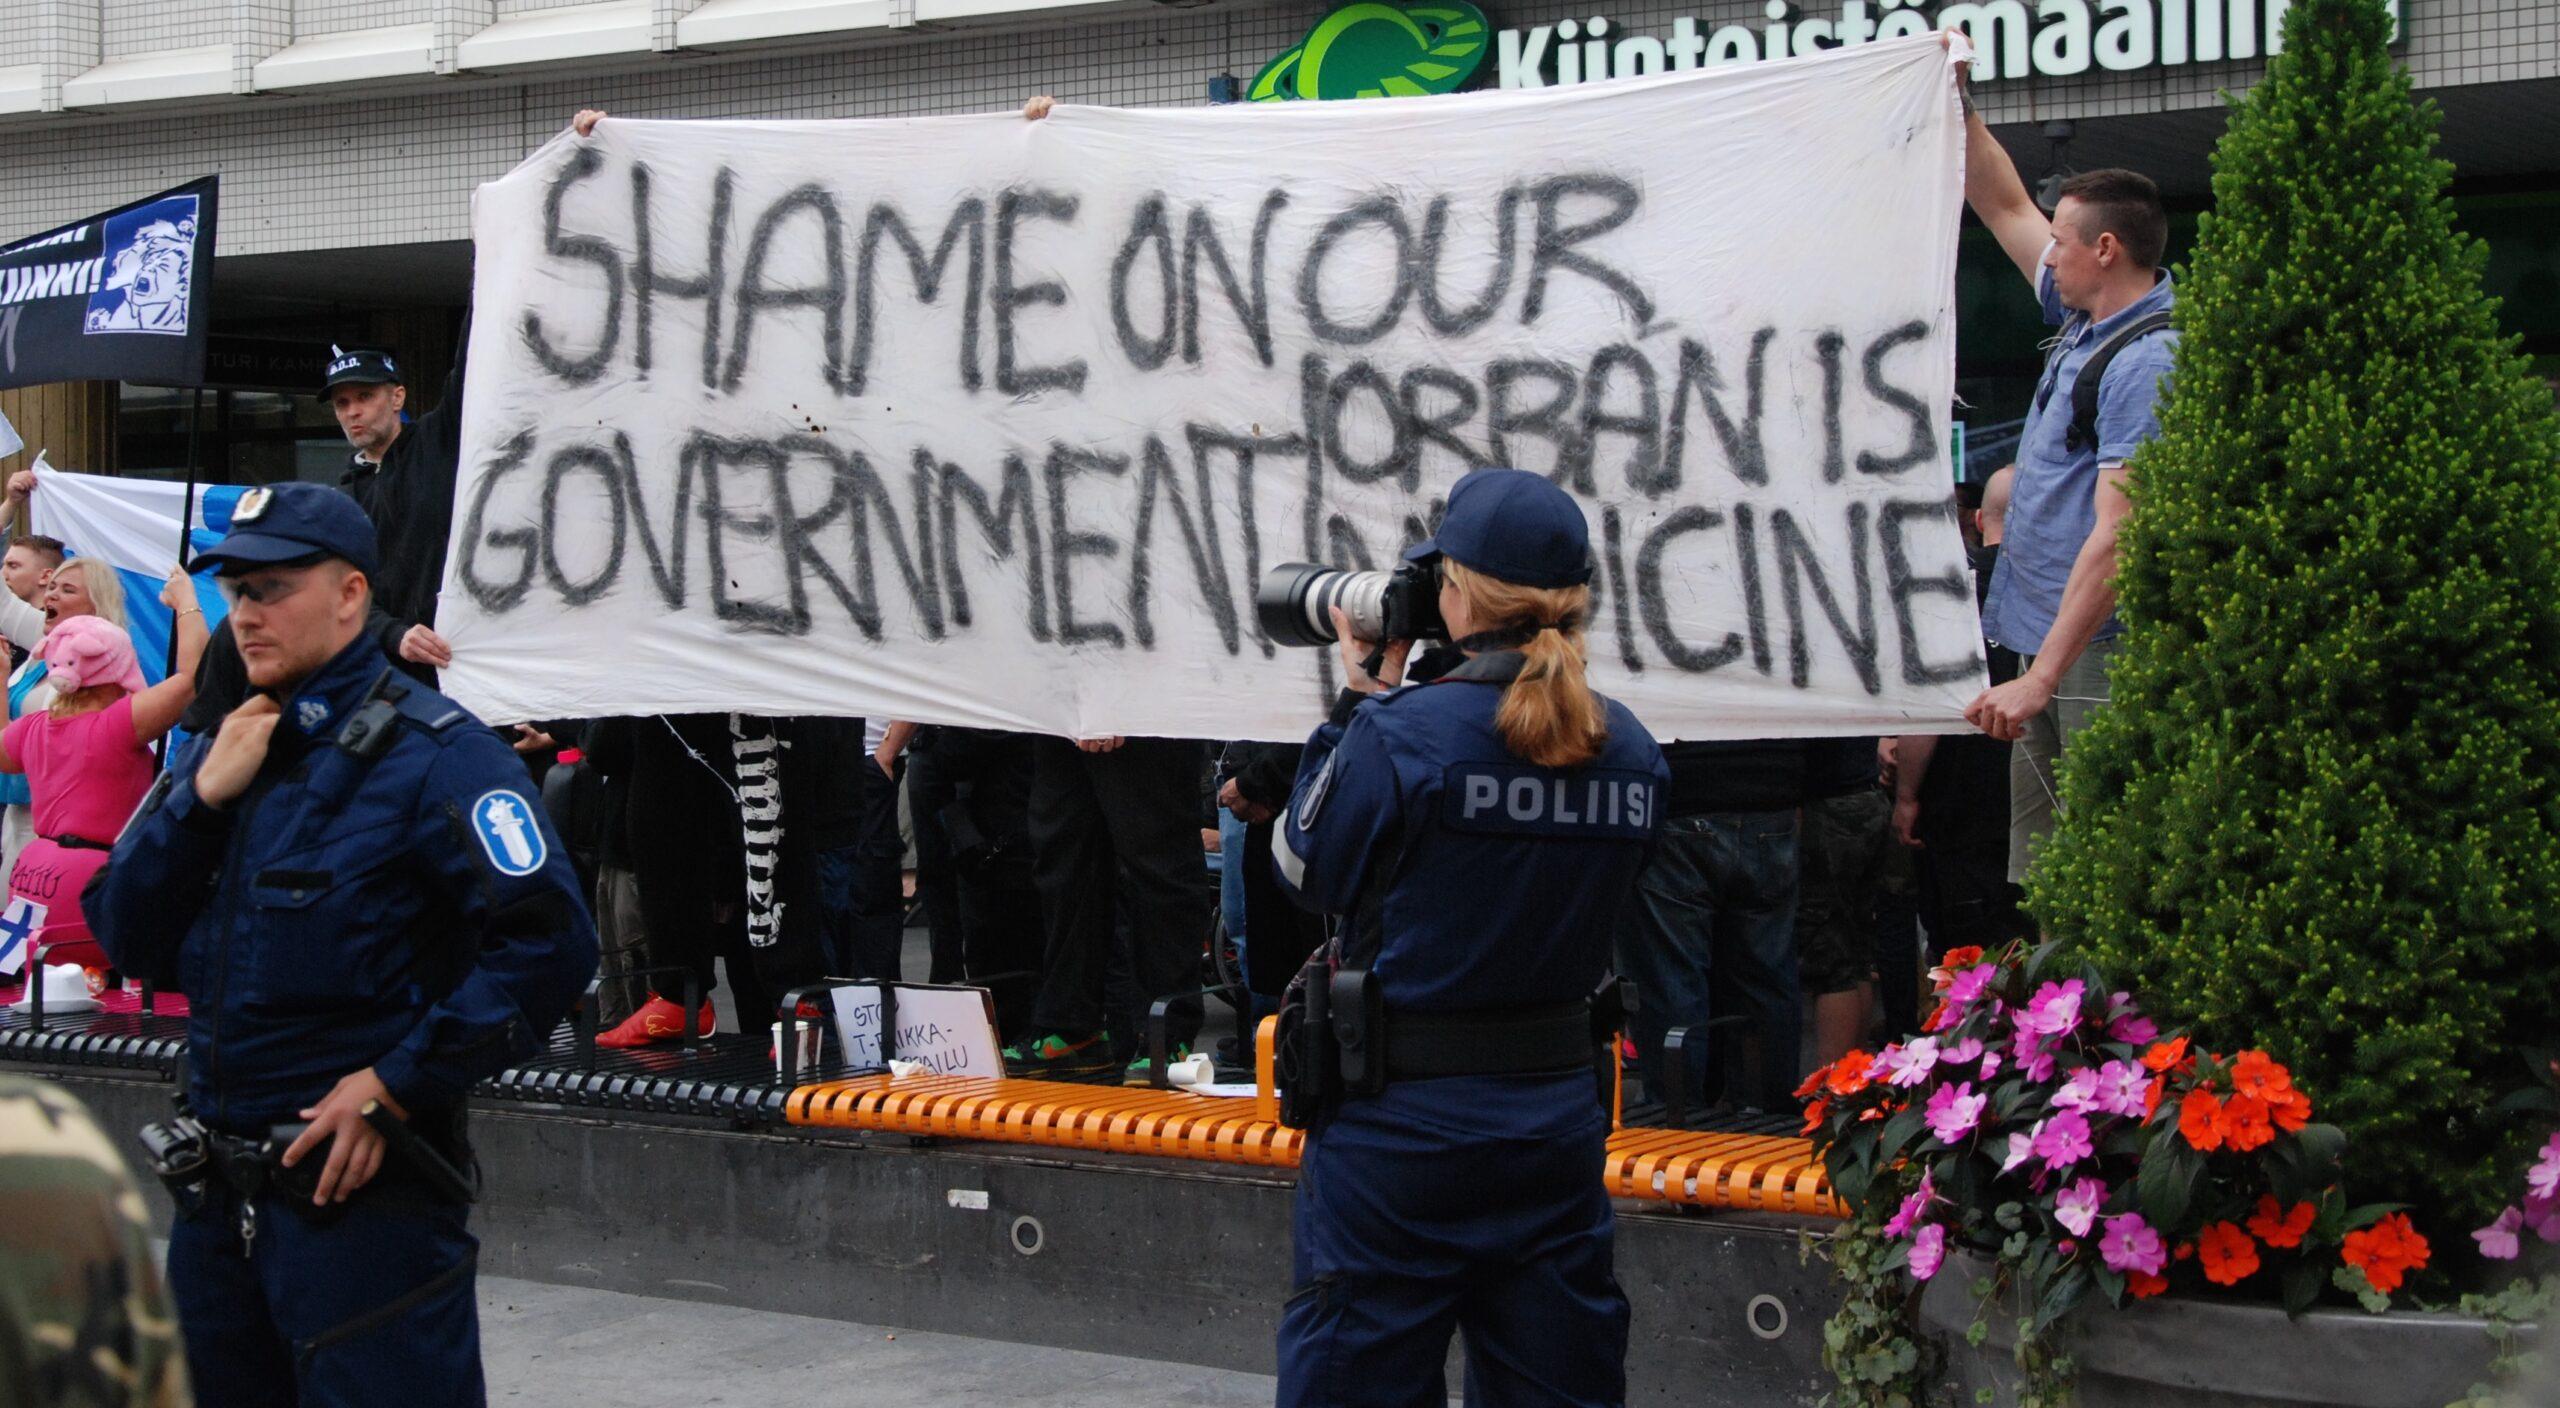 Orban! Siis ihan oikeasti, Suomi Ensin! -ryhmä kaipaa unkarilaista protofasimia. Viktor Orbánin johtama Fidesz-puolue hallitsee maata yksin ja on muun muassa puhdistanut virkakoneistosta tuhansia ei-fideszläisiä työntekijöitä.